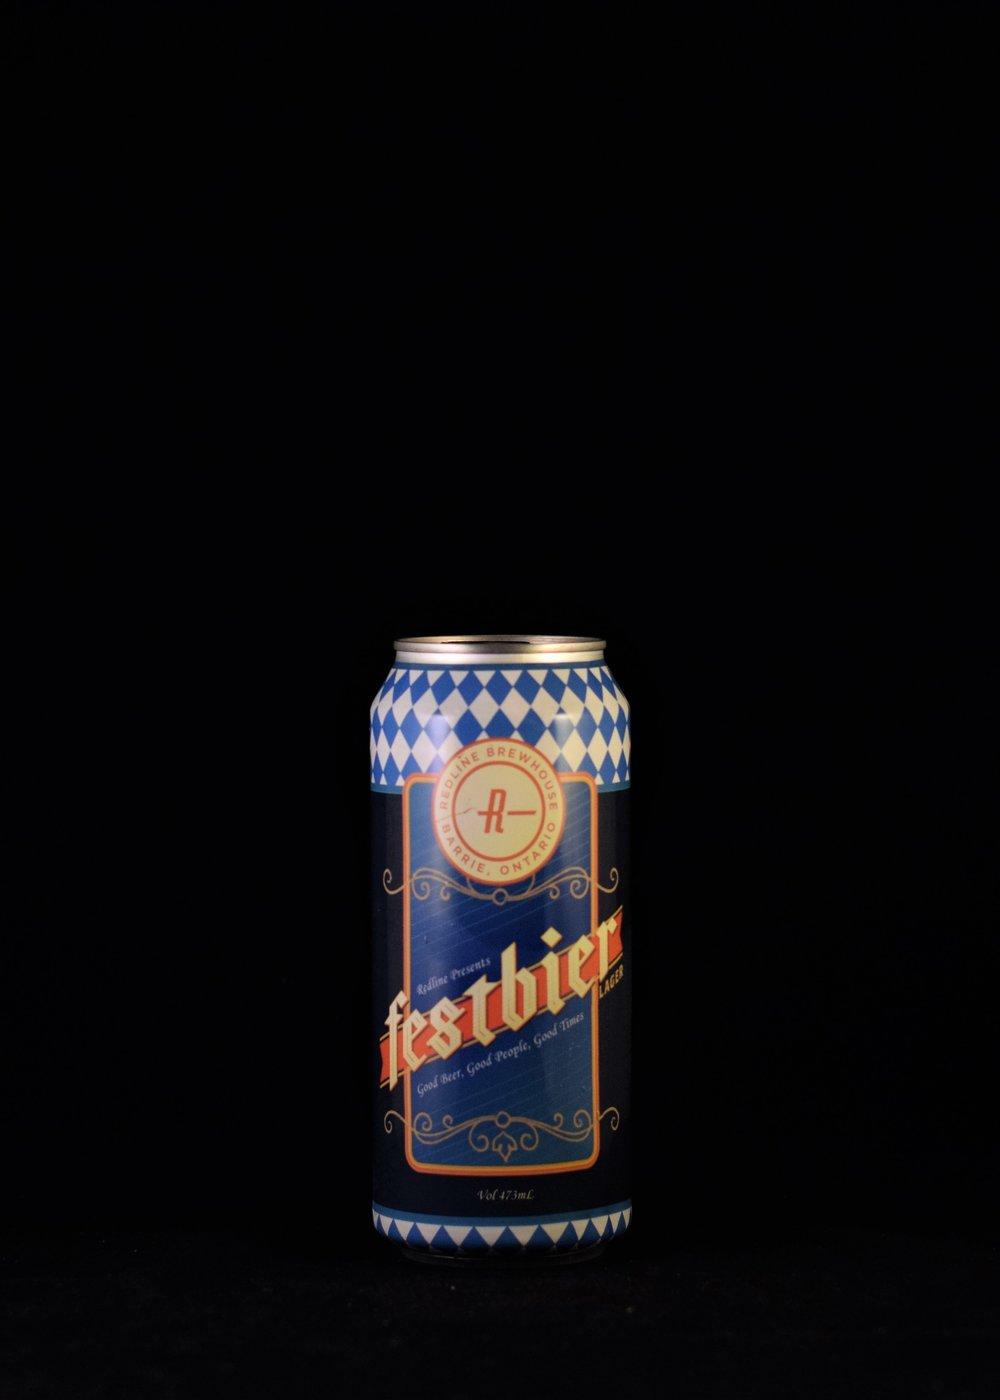 Redline - Festbier